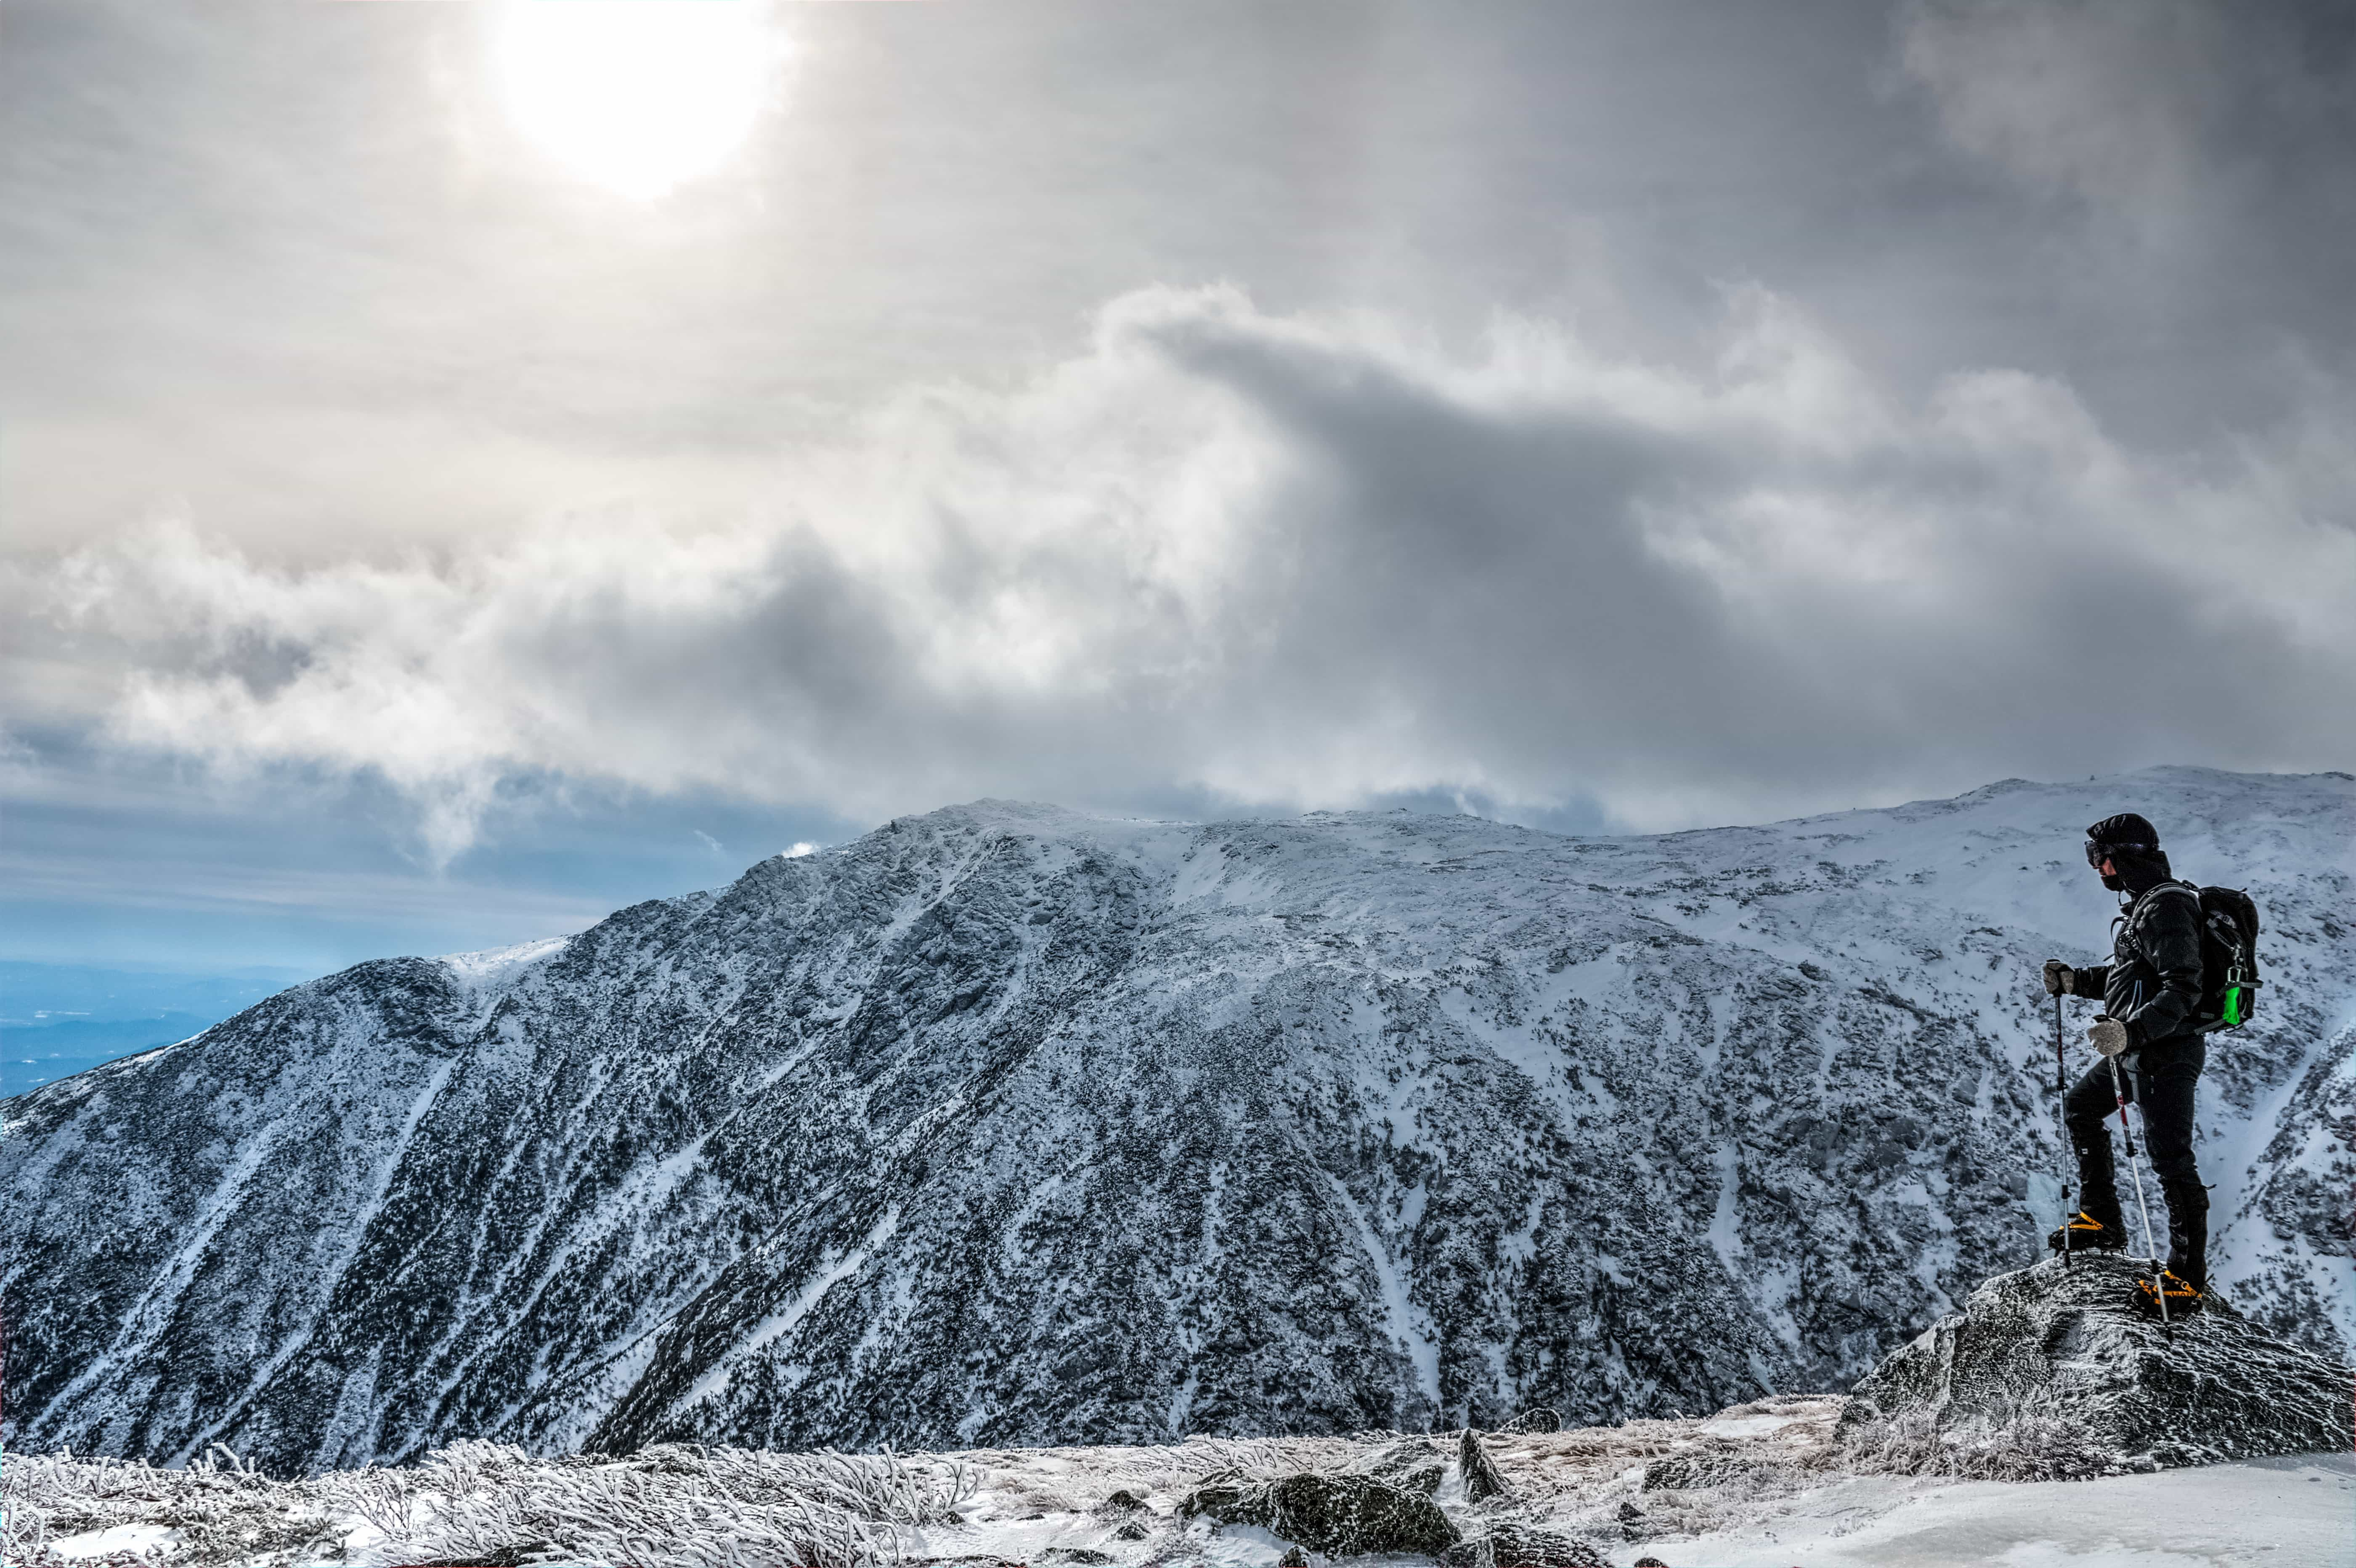 Deslumbre-se: Conheça os locais com mais neve no planeta